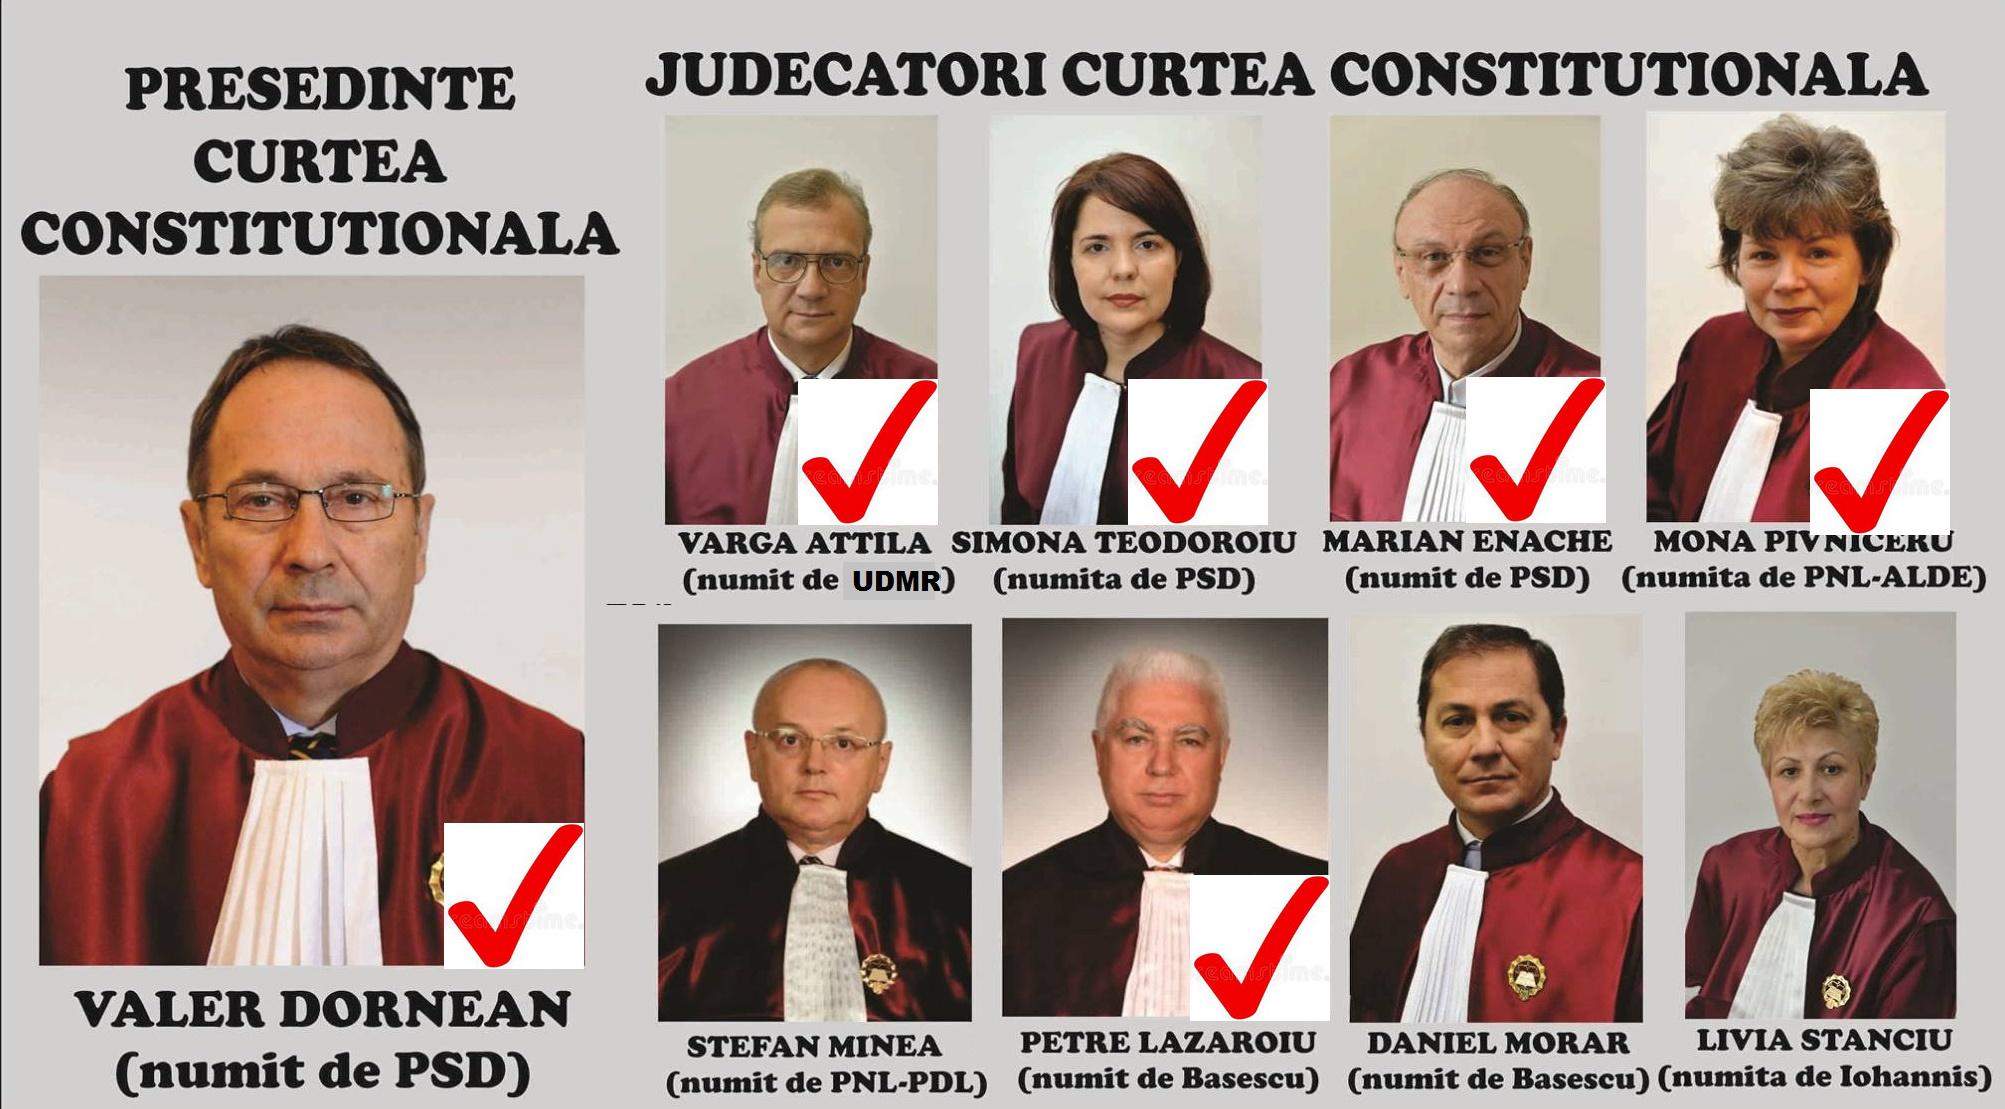 OHA urmăreşte cu mare atenţie şi preocupare cum şase beşinoşi ce cacă pe Constituţie Ccr-decizia-kovesi